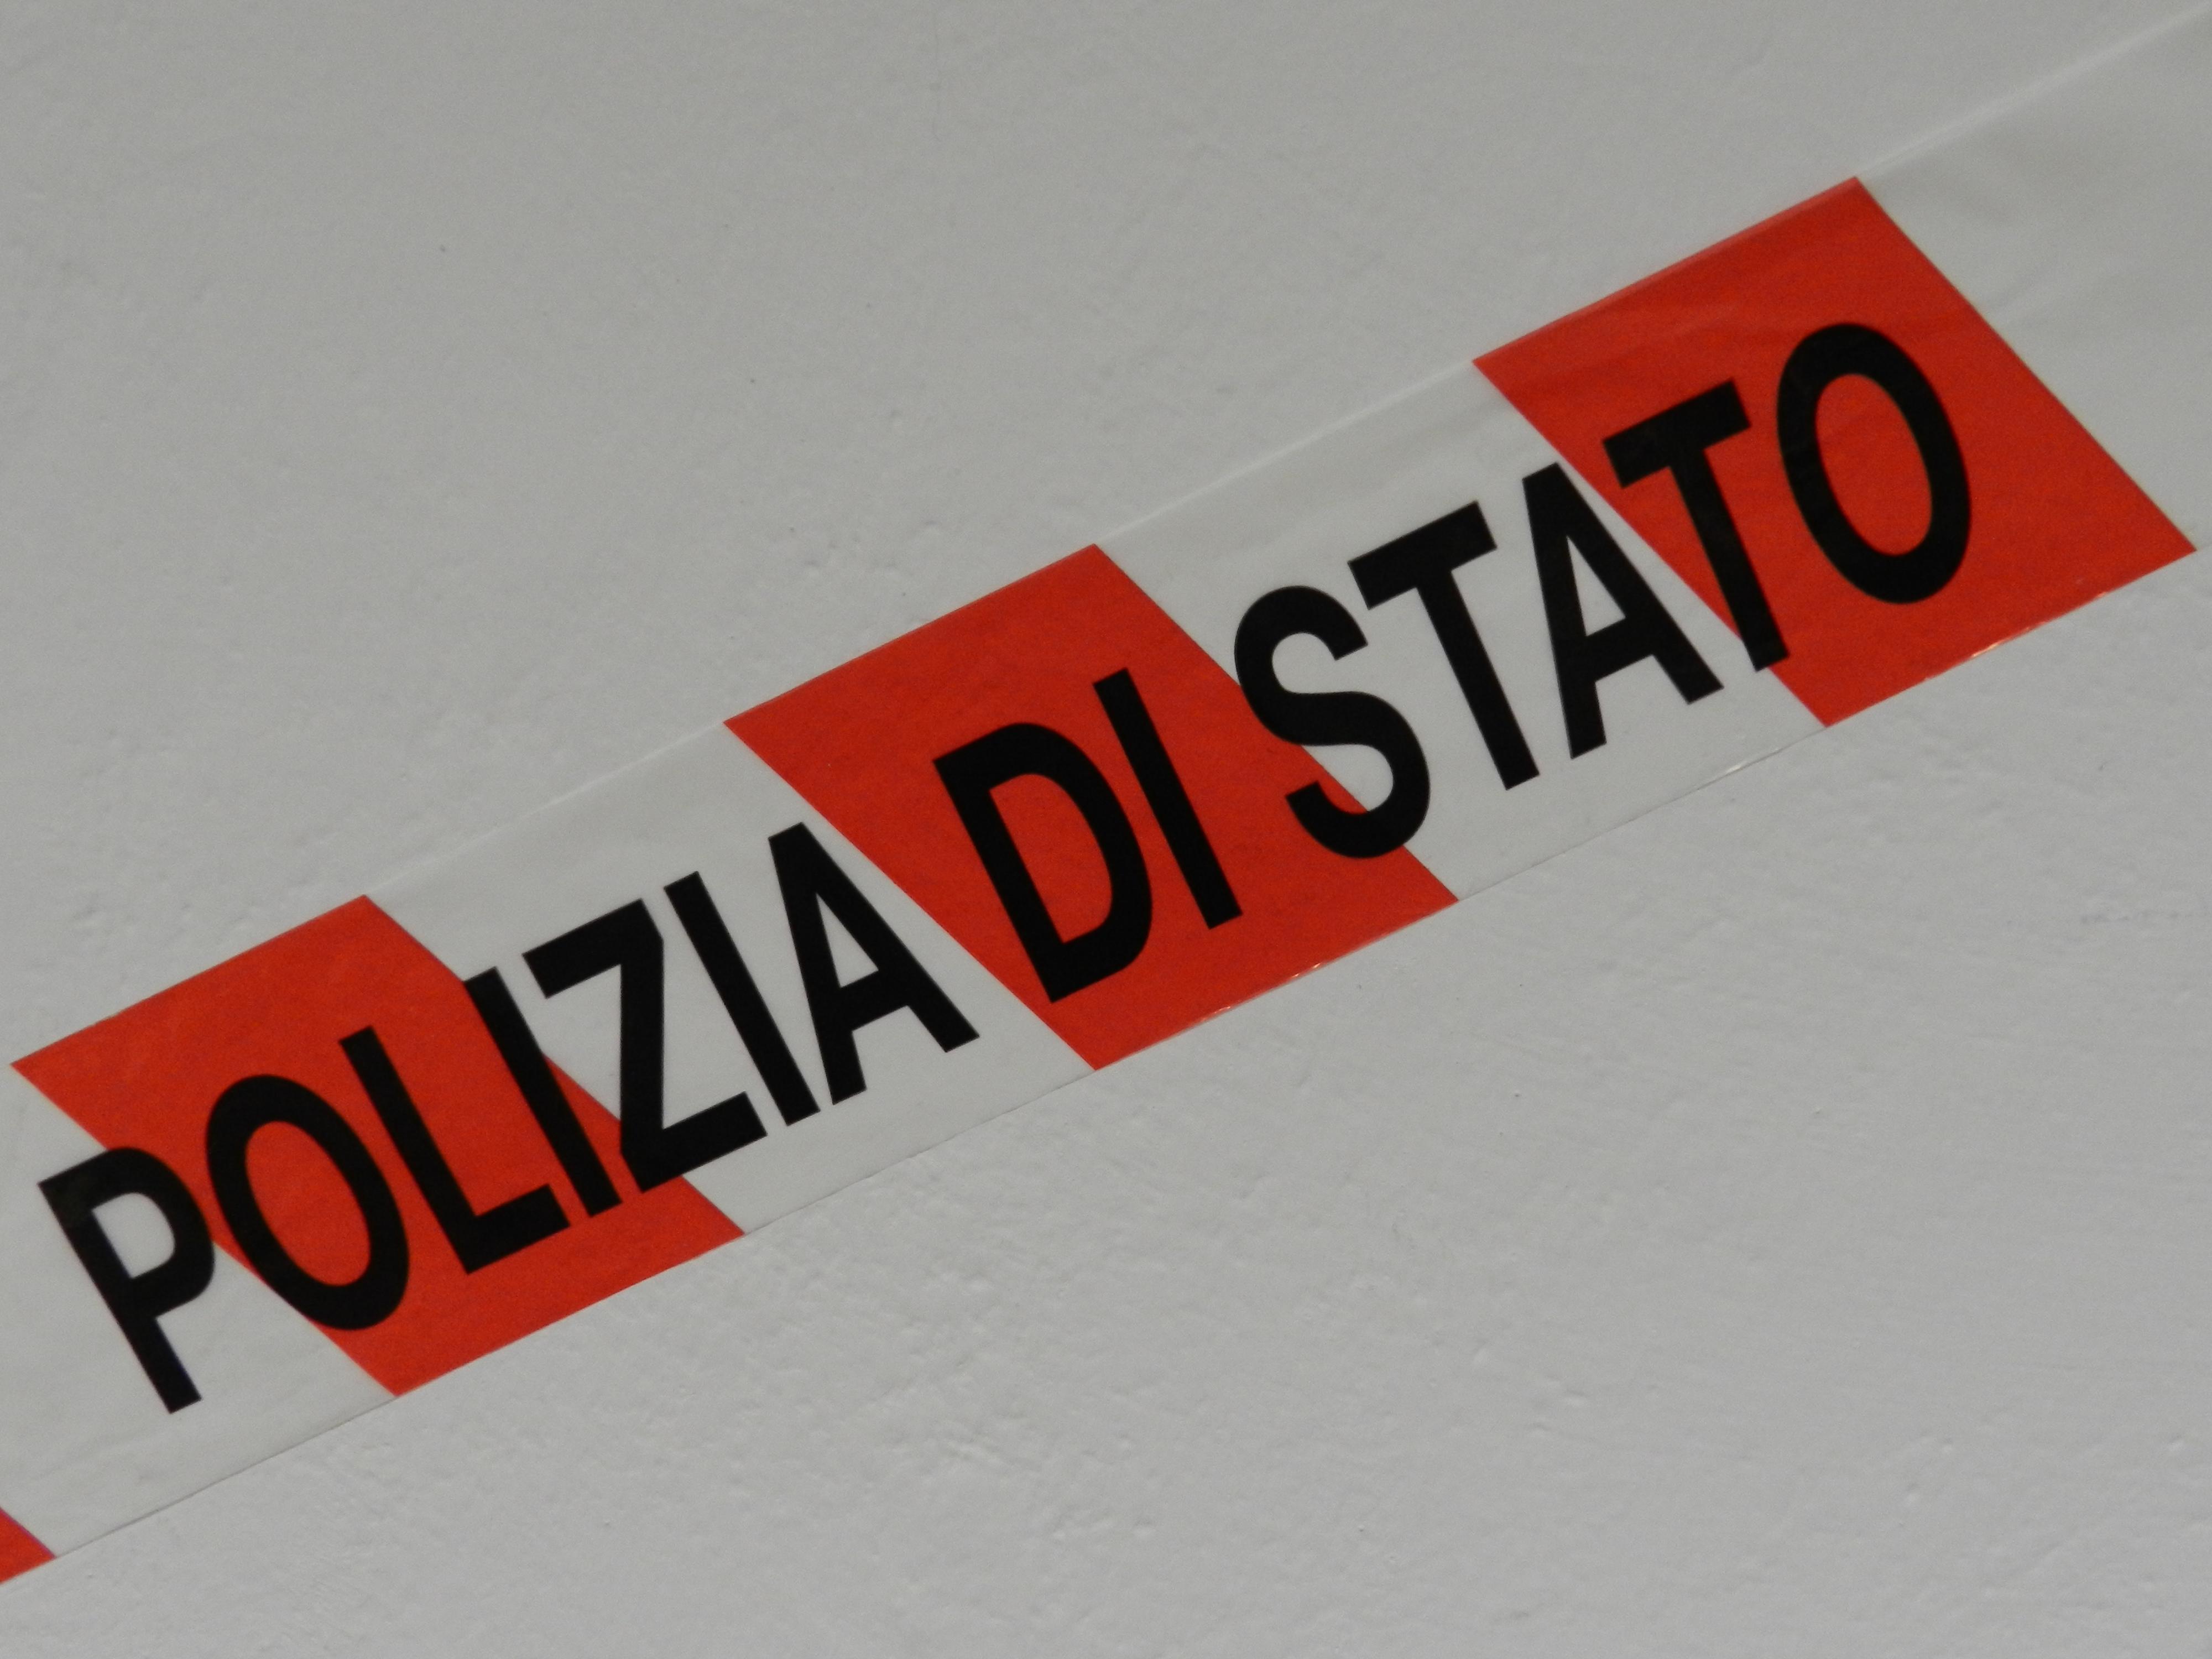 Polizia di stato questure sul web rovigo for Stato di polizia permesso di soggiorno